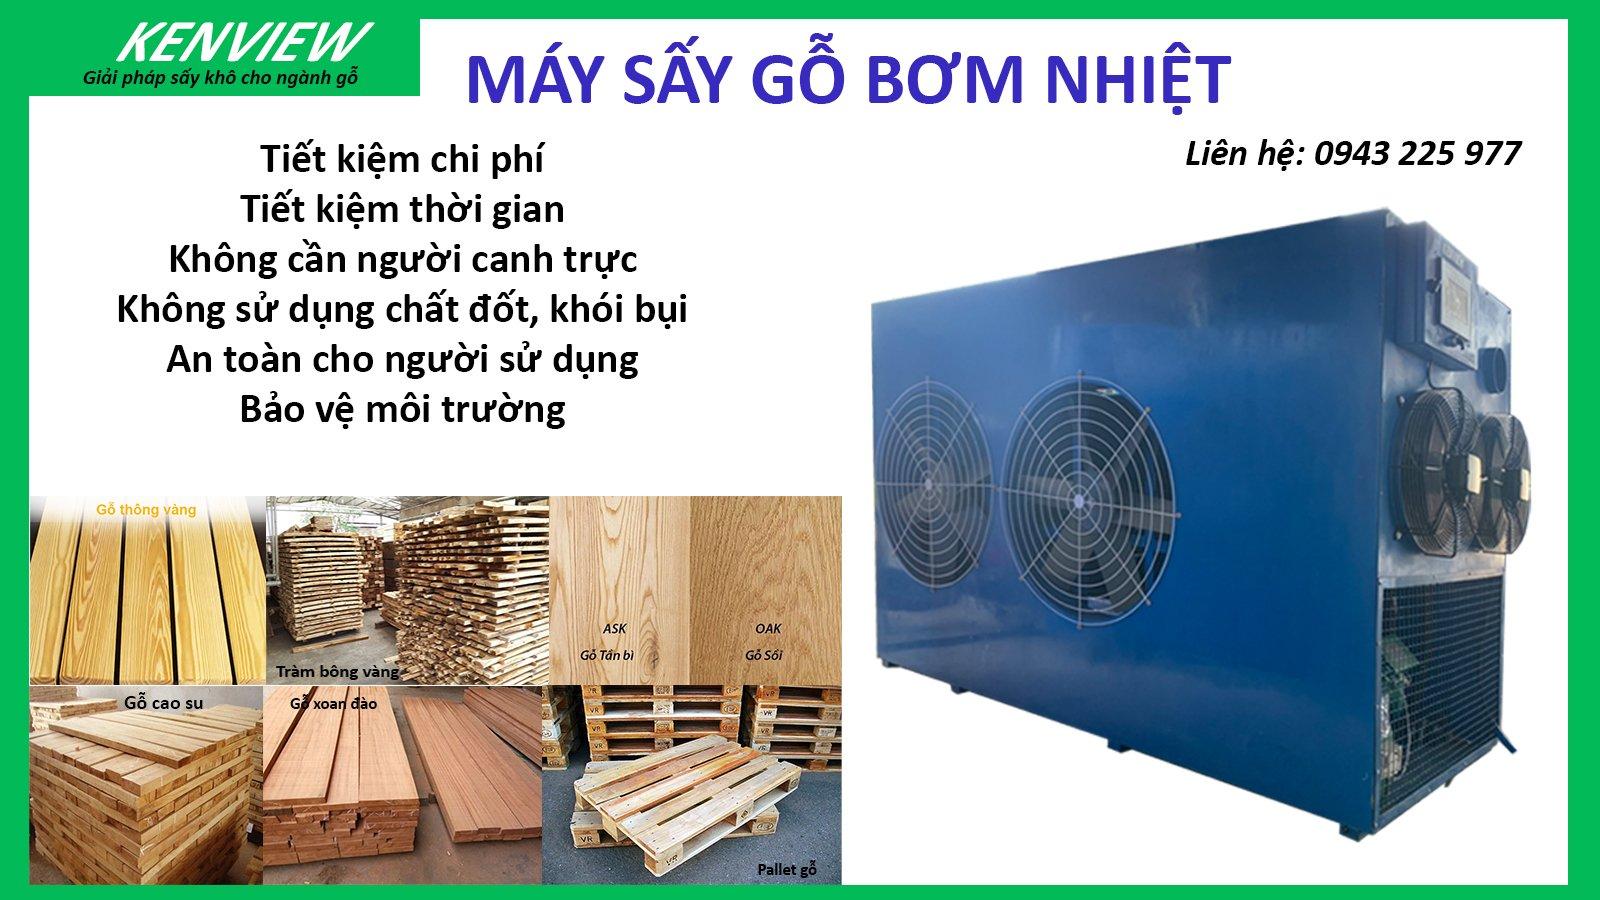 Máy sấy gỗ bơm nhiệt